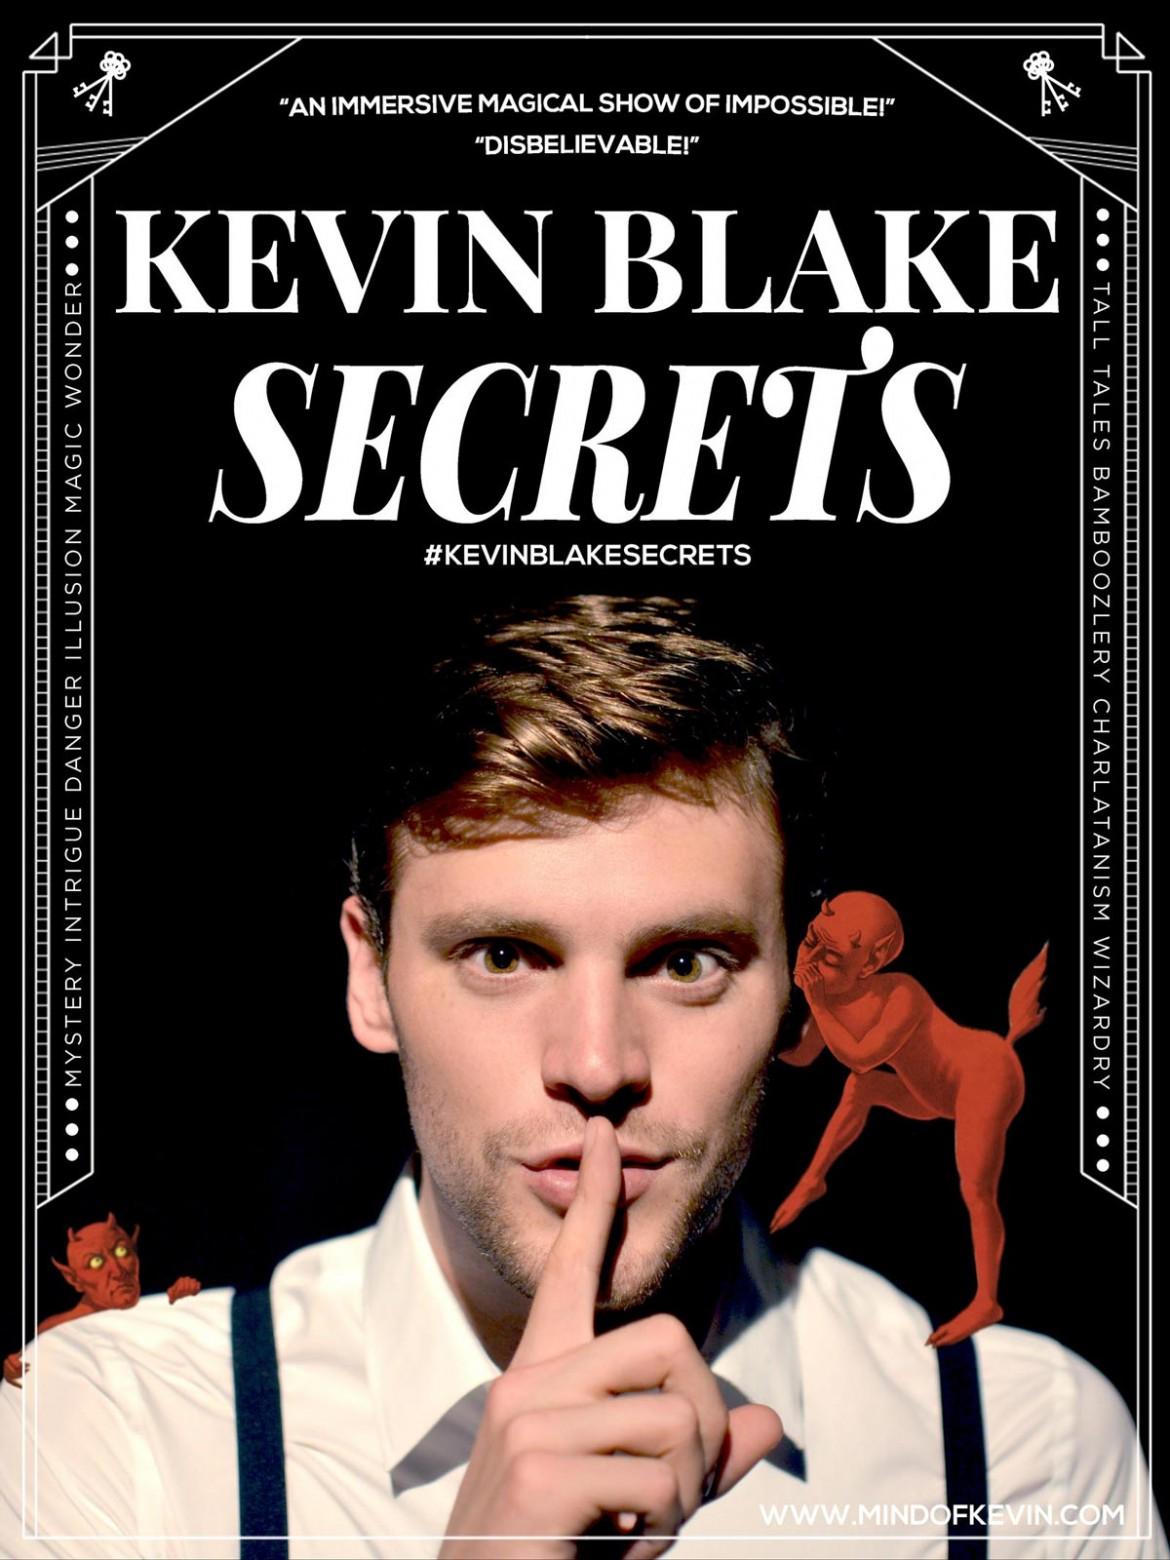 San Francisco Magician Kevin Blake